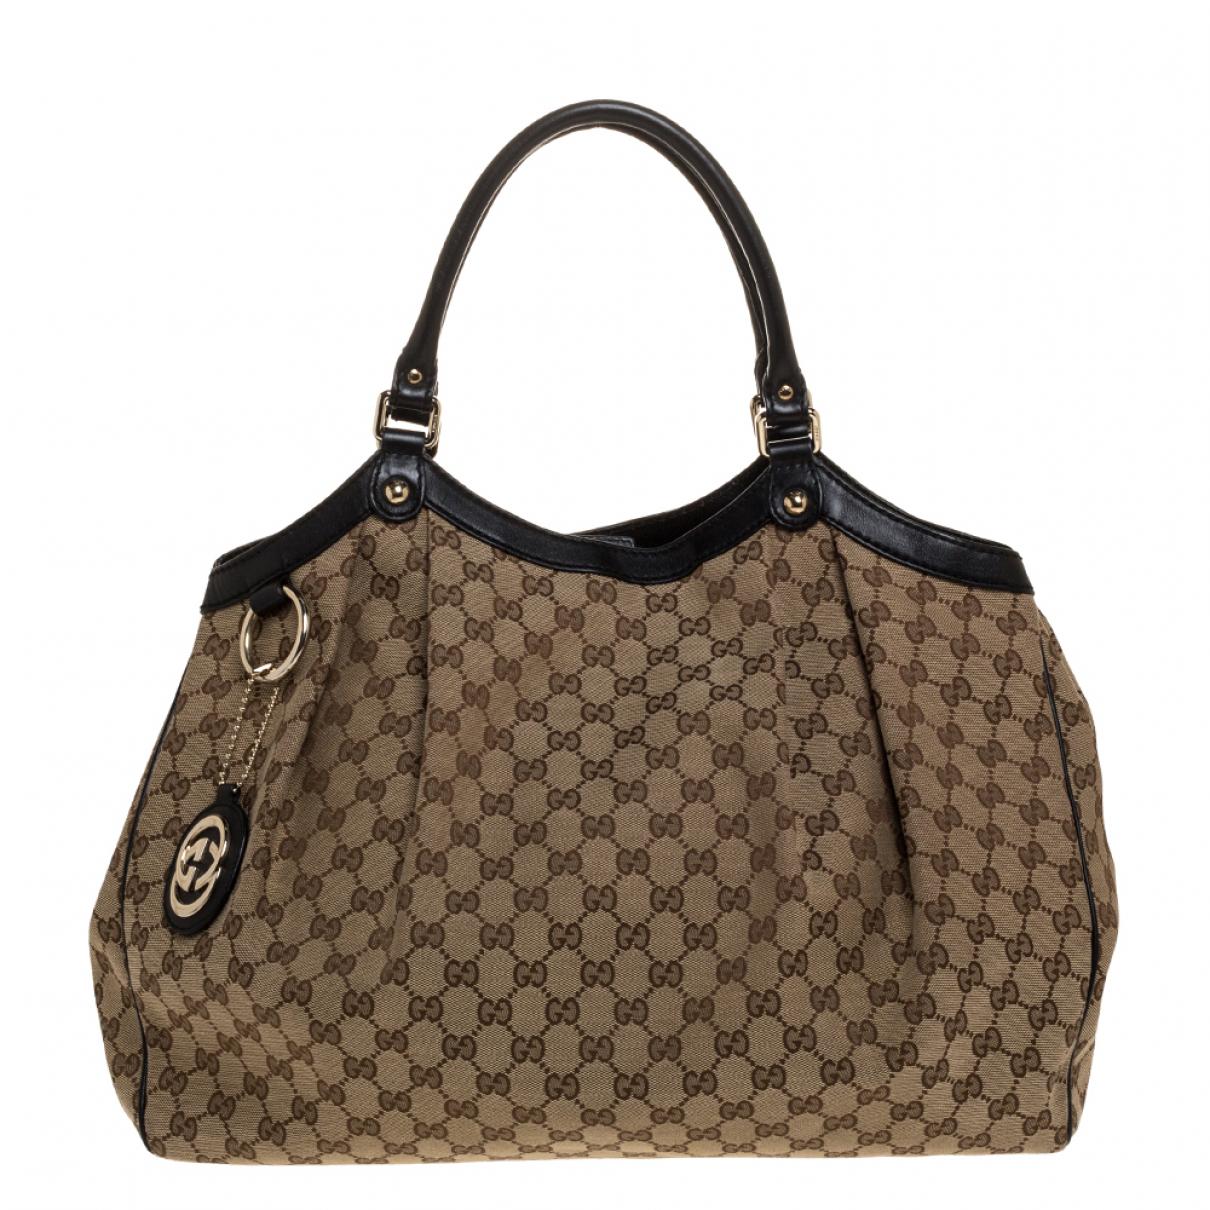 Gucci Sukey Handtasche in  Beige Leder